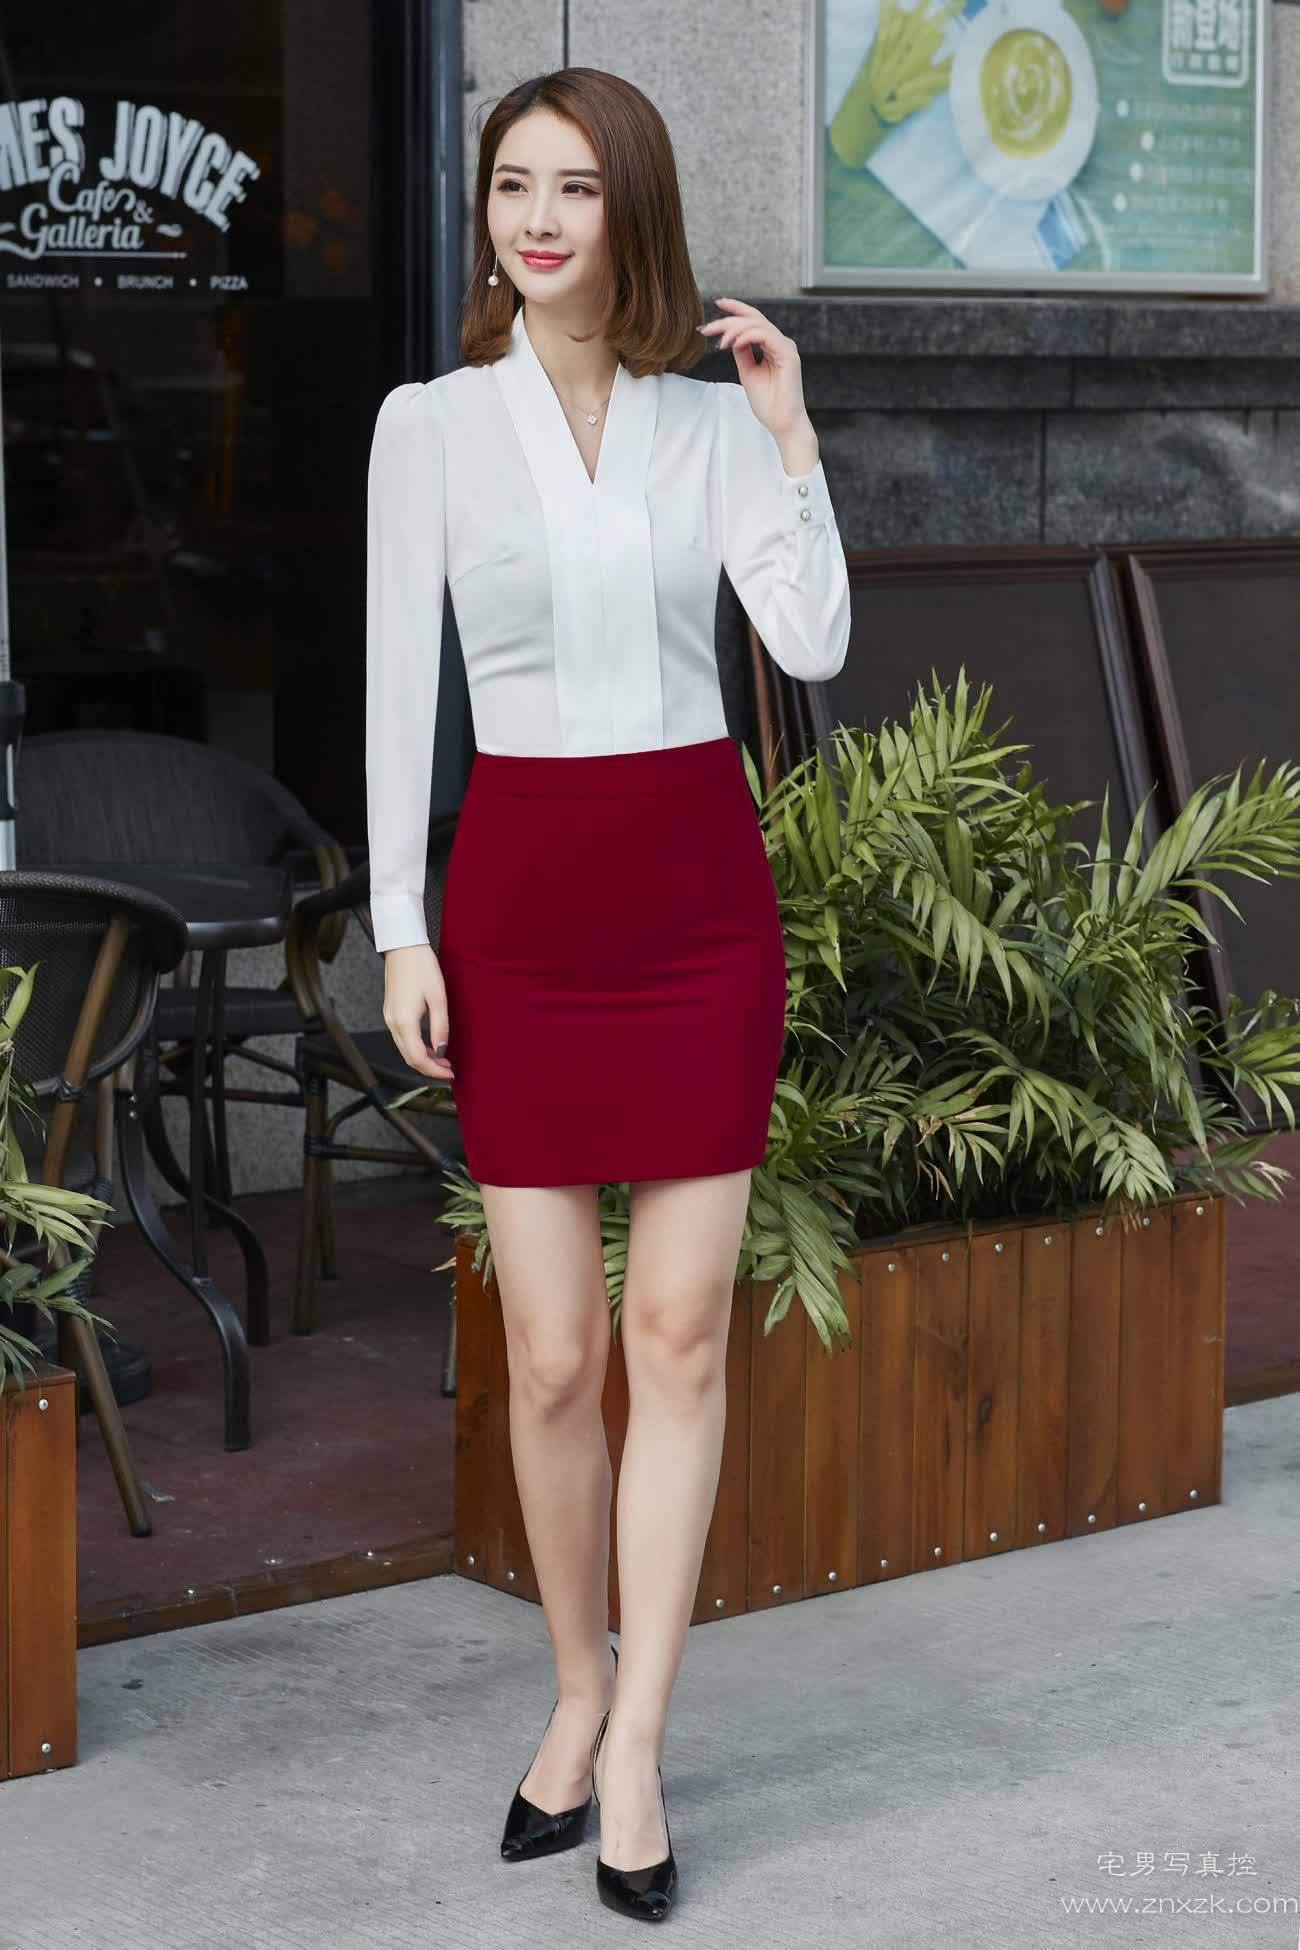 [原创摄影]淘宝时装模特写真白衬衣酒红色职业装